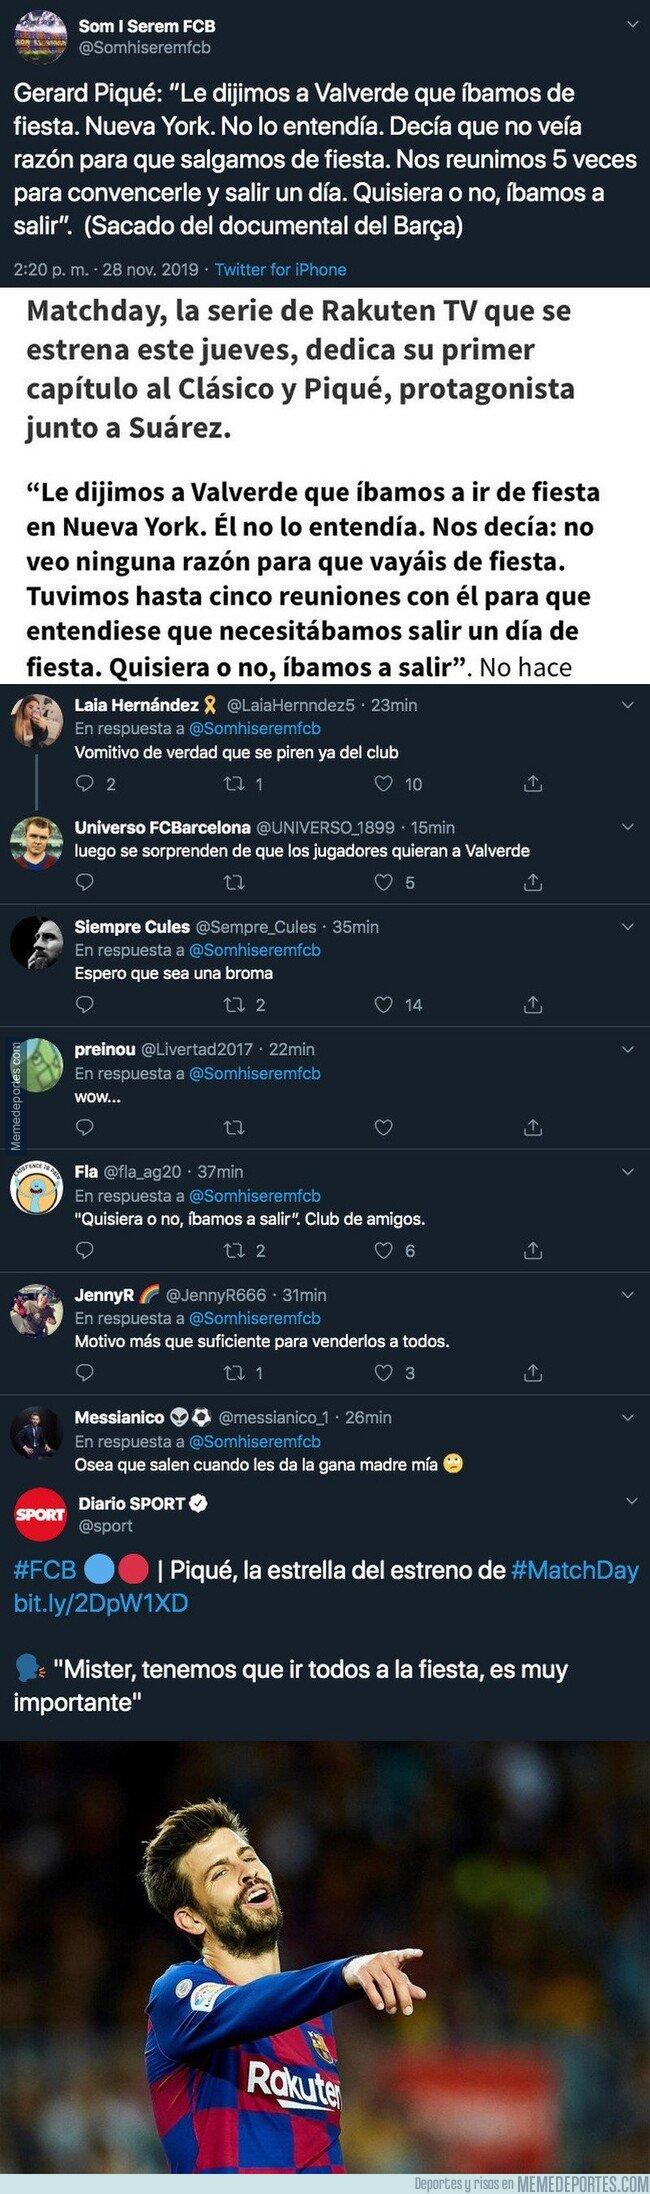 1092207 - La polémica frase de Piqué sobre fiestas en el documental del Barça que está causando gran revuelo